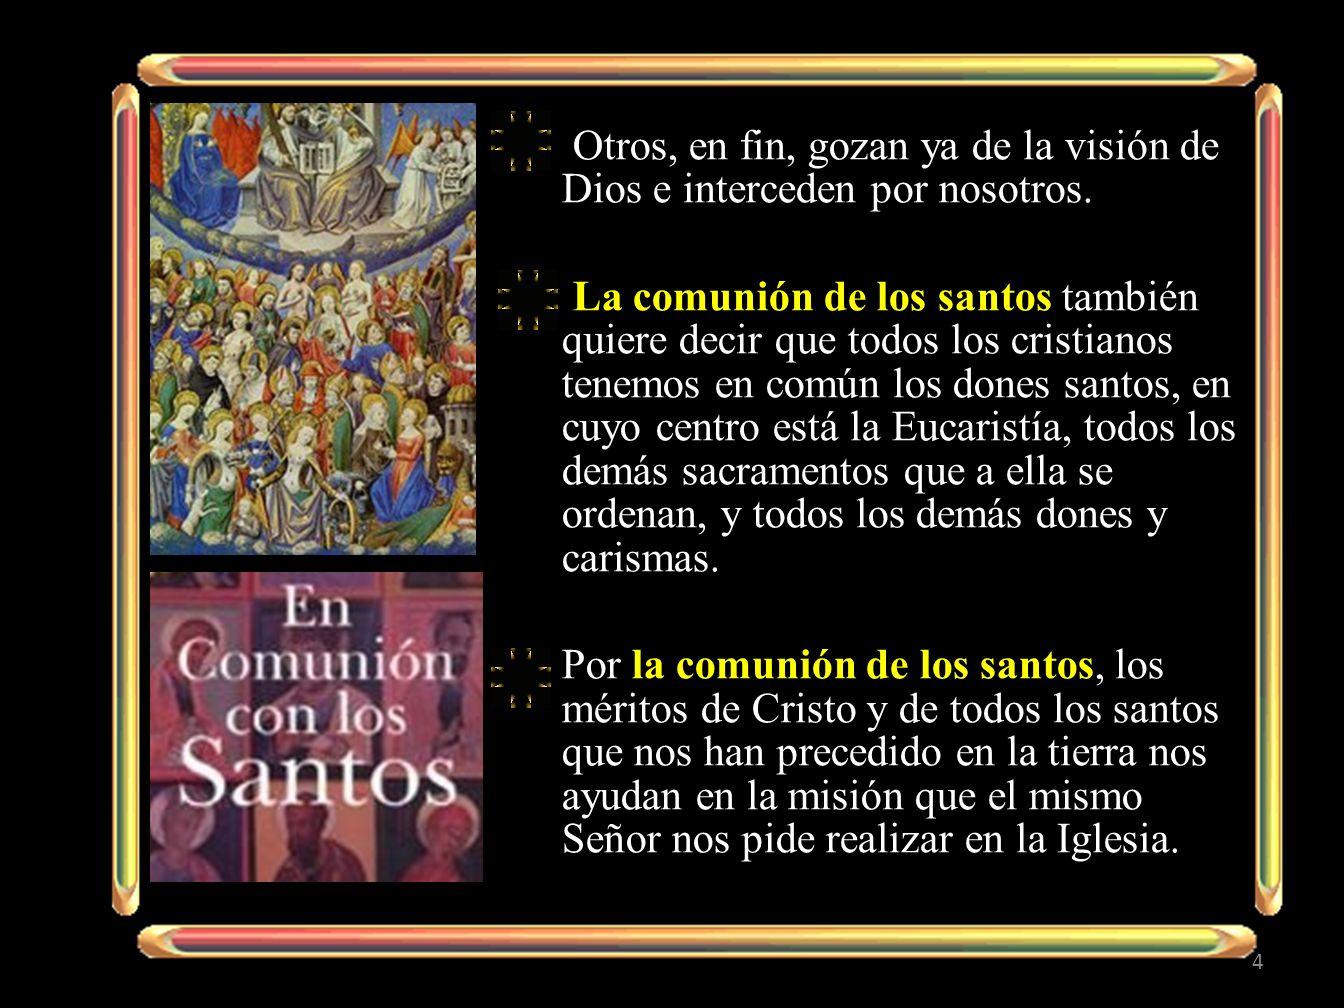 pecado en sí mismos y en el mundo, por medio de la abnegación y la santidad de la propia vida, e impregnan de valores morales las actividades temporales del hombre y las instituciones de la sociedad.